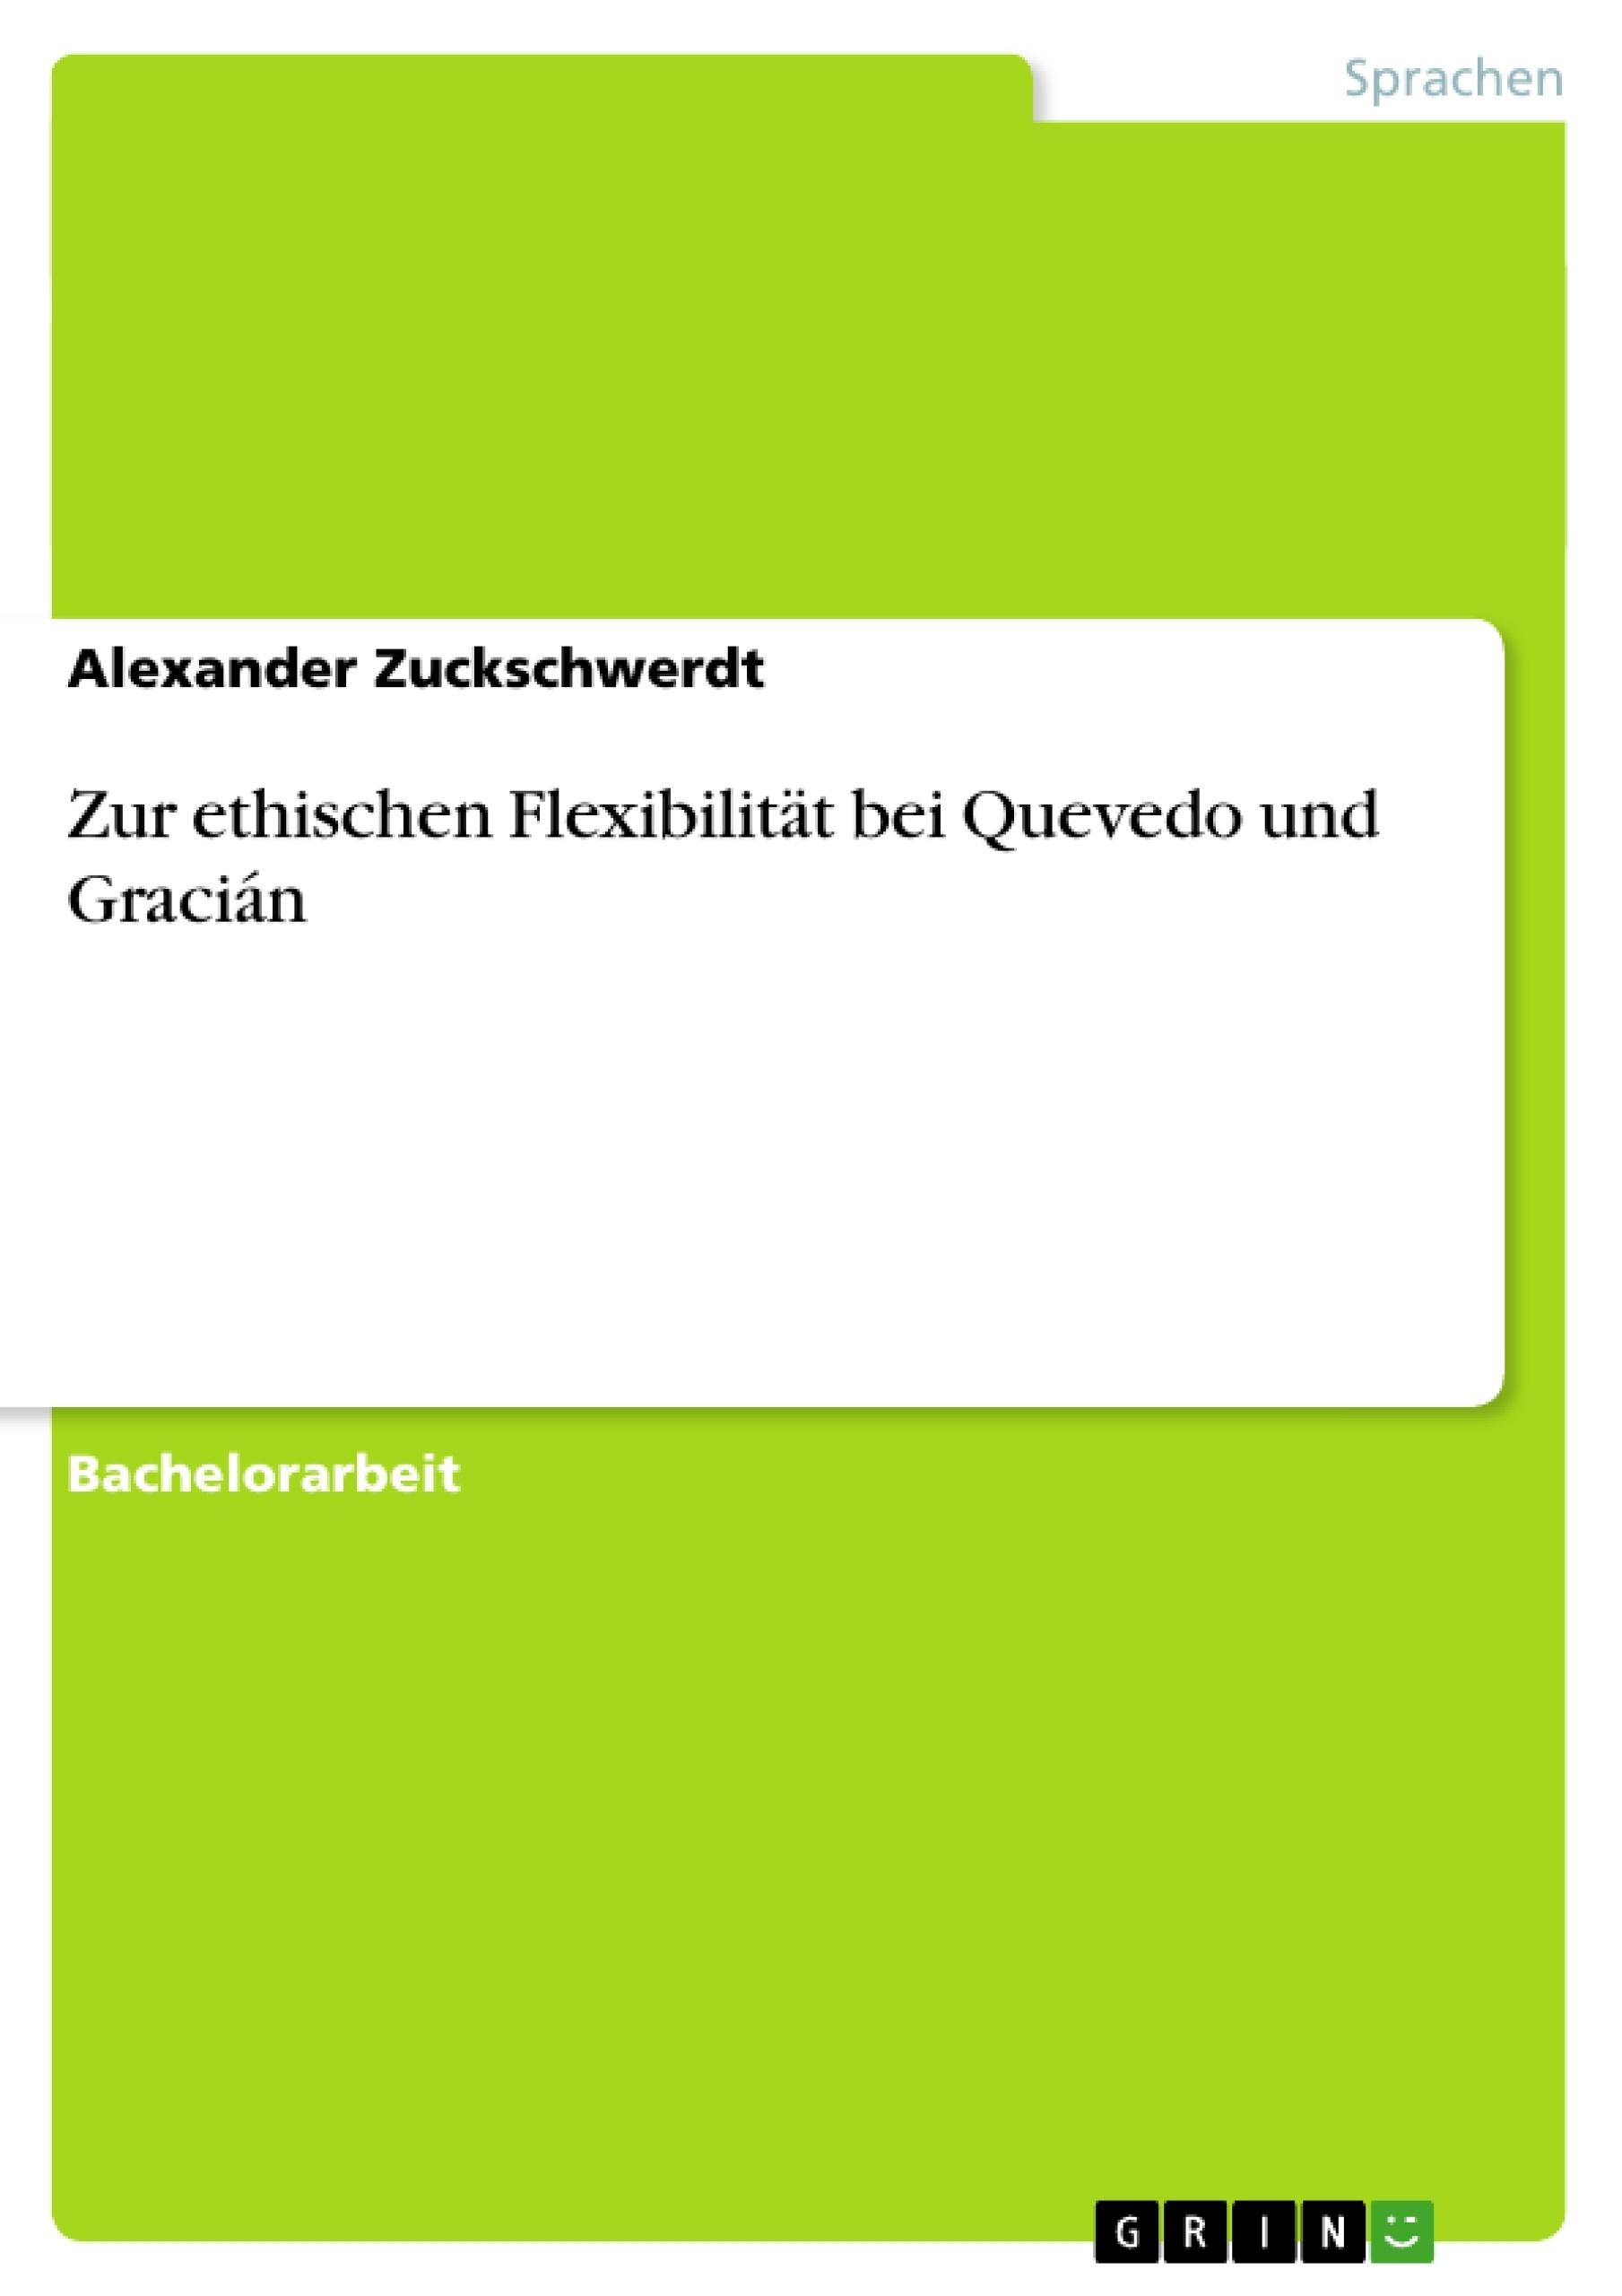 Titel: Zur ethischen Flexibilität bei Quevedo und Gracián